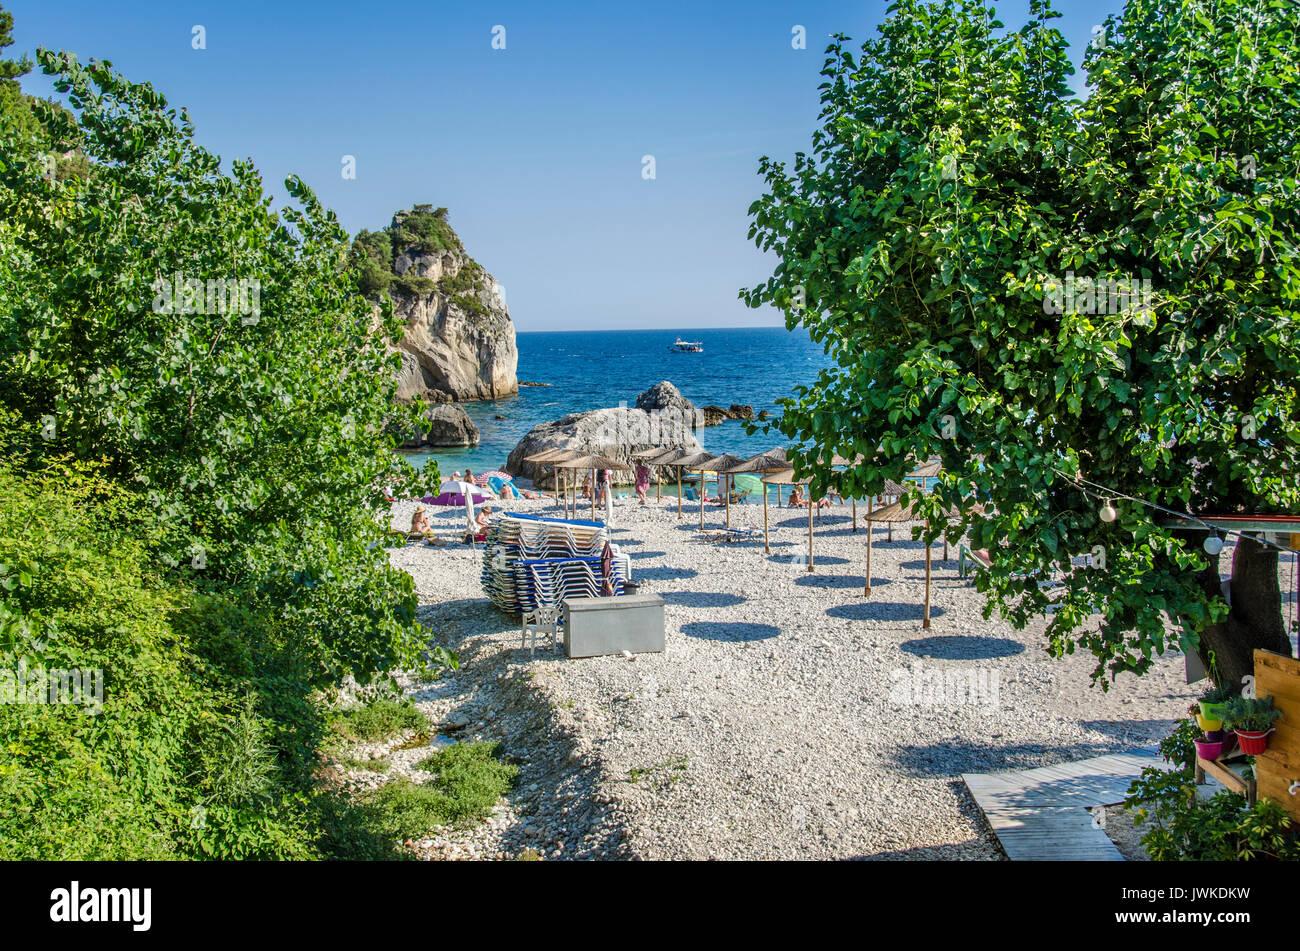 Plage Krioneri - Parga, Grèce Photo Stock